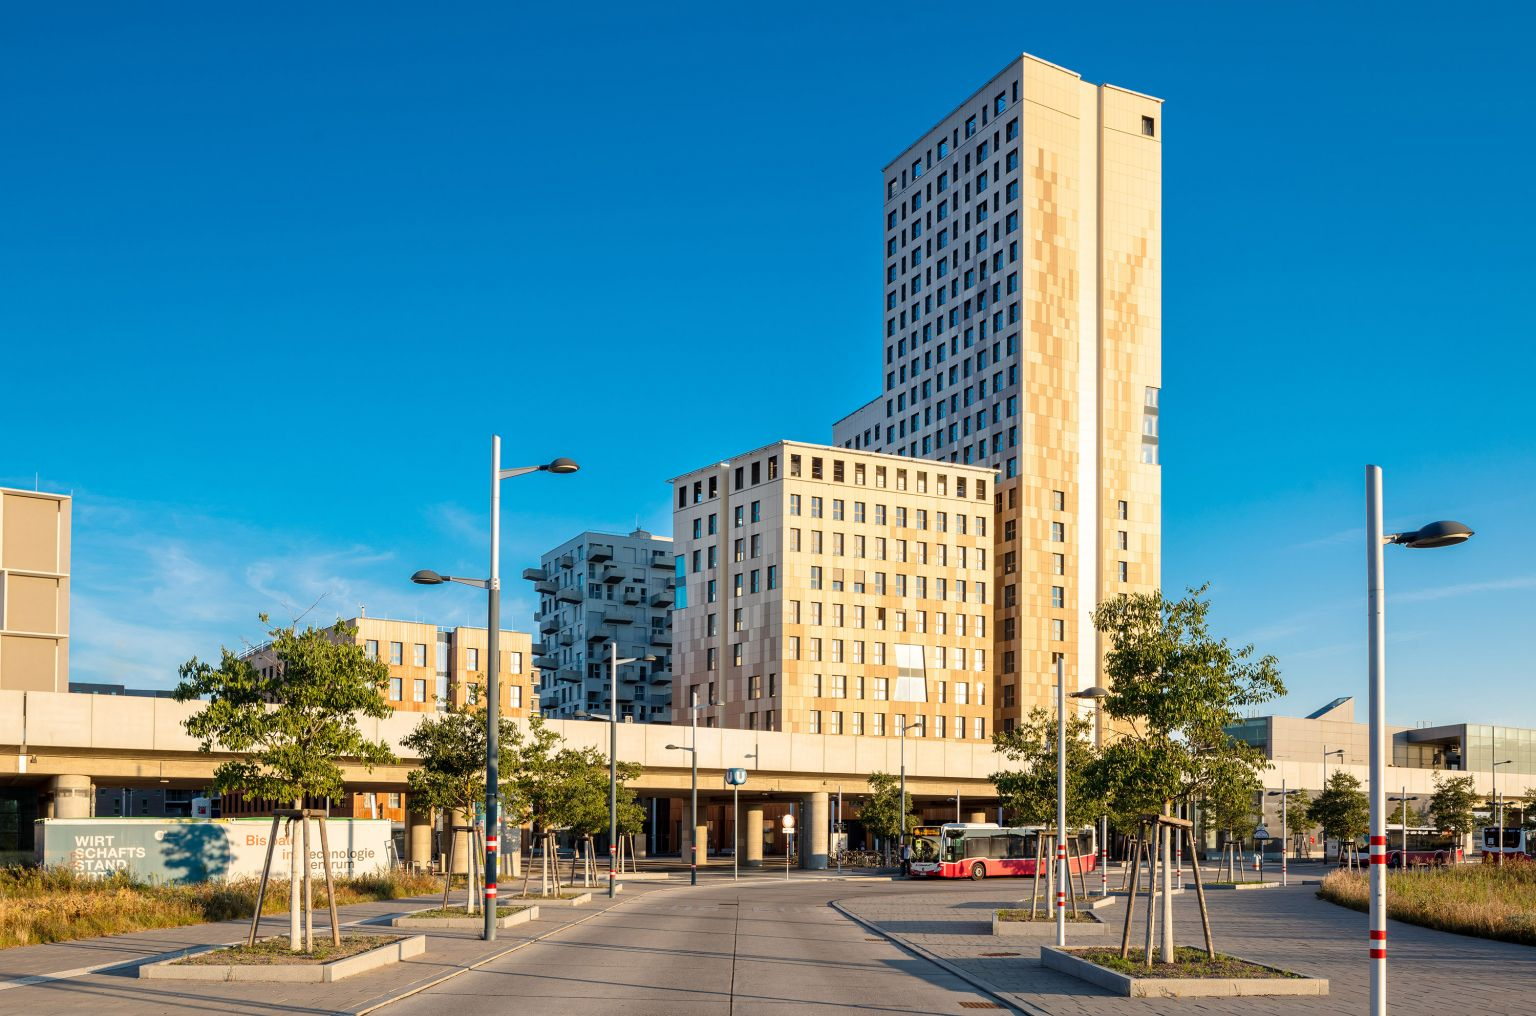 Kerbler verkauft Anteile am HoHo Wien